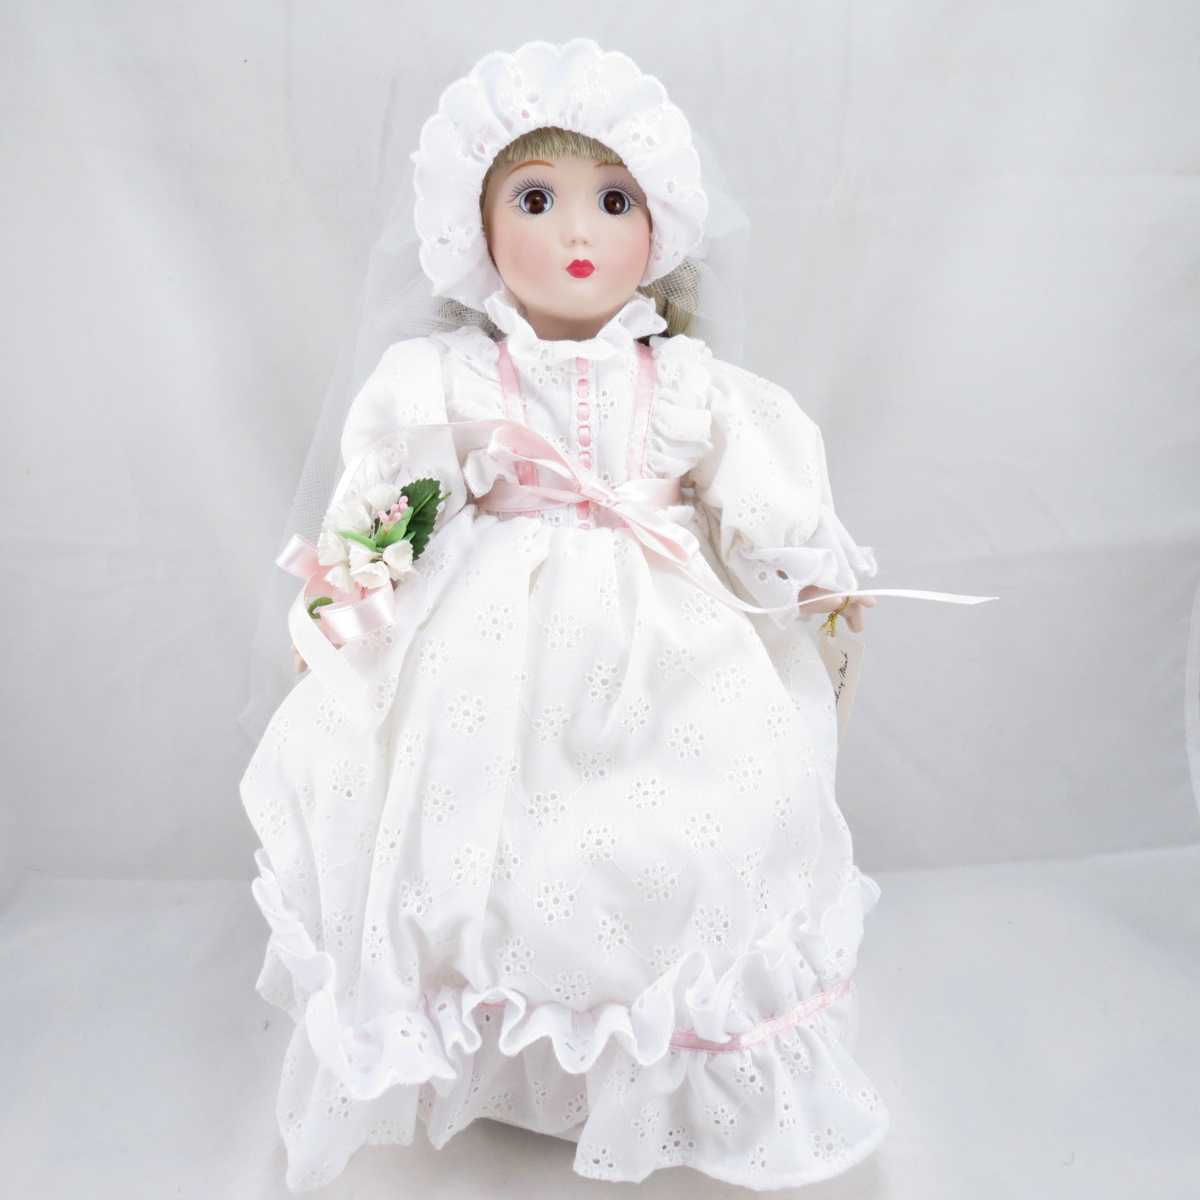 """Декоративная коллекционная фарфоровая кукла из серии """"Невесты Америки"""".  Название куклы - Сара. Невеста Освоения Дикого Запада.  Фирма производитель - Danbury Mint, США. Высота Куклы - 30,5см. Сохранность - Очень хорошая, без сколов, трещин и царапин.  Используется исключительно в декоративных целях.  Коробка не является декоративной и предназначена для пересылки по почте, так что, может иметь пометки и потёртости, учитывая возраст куклы."""